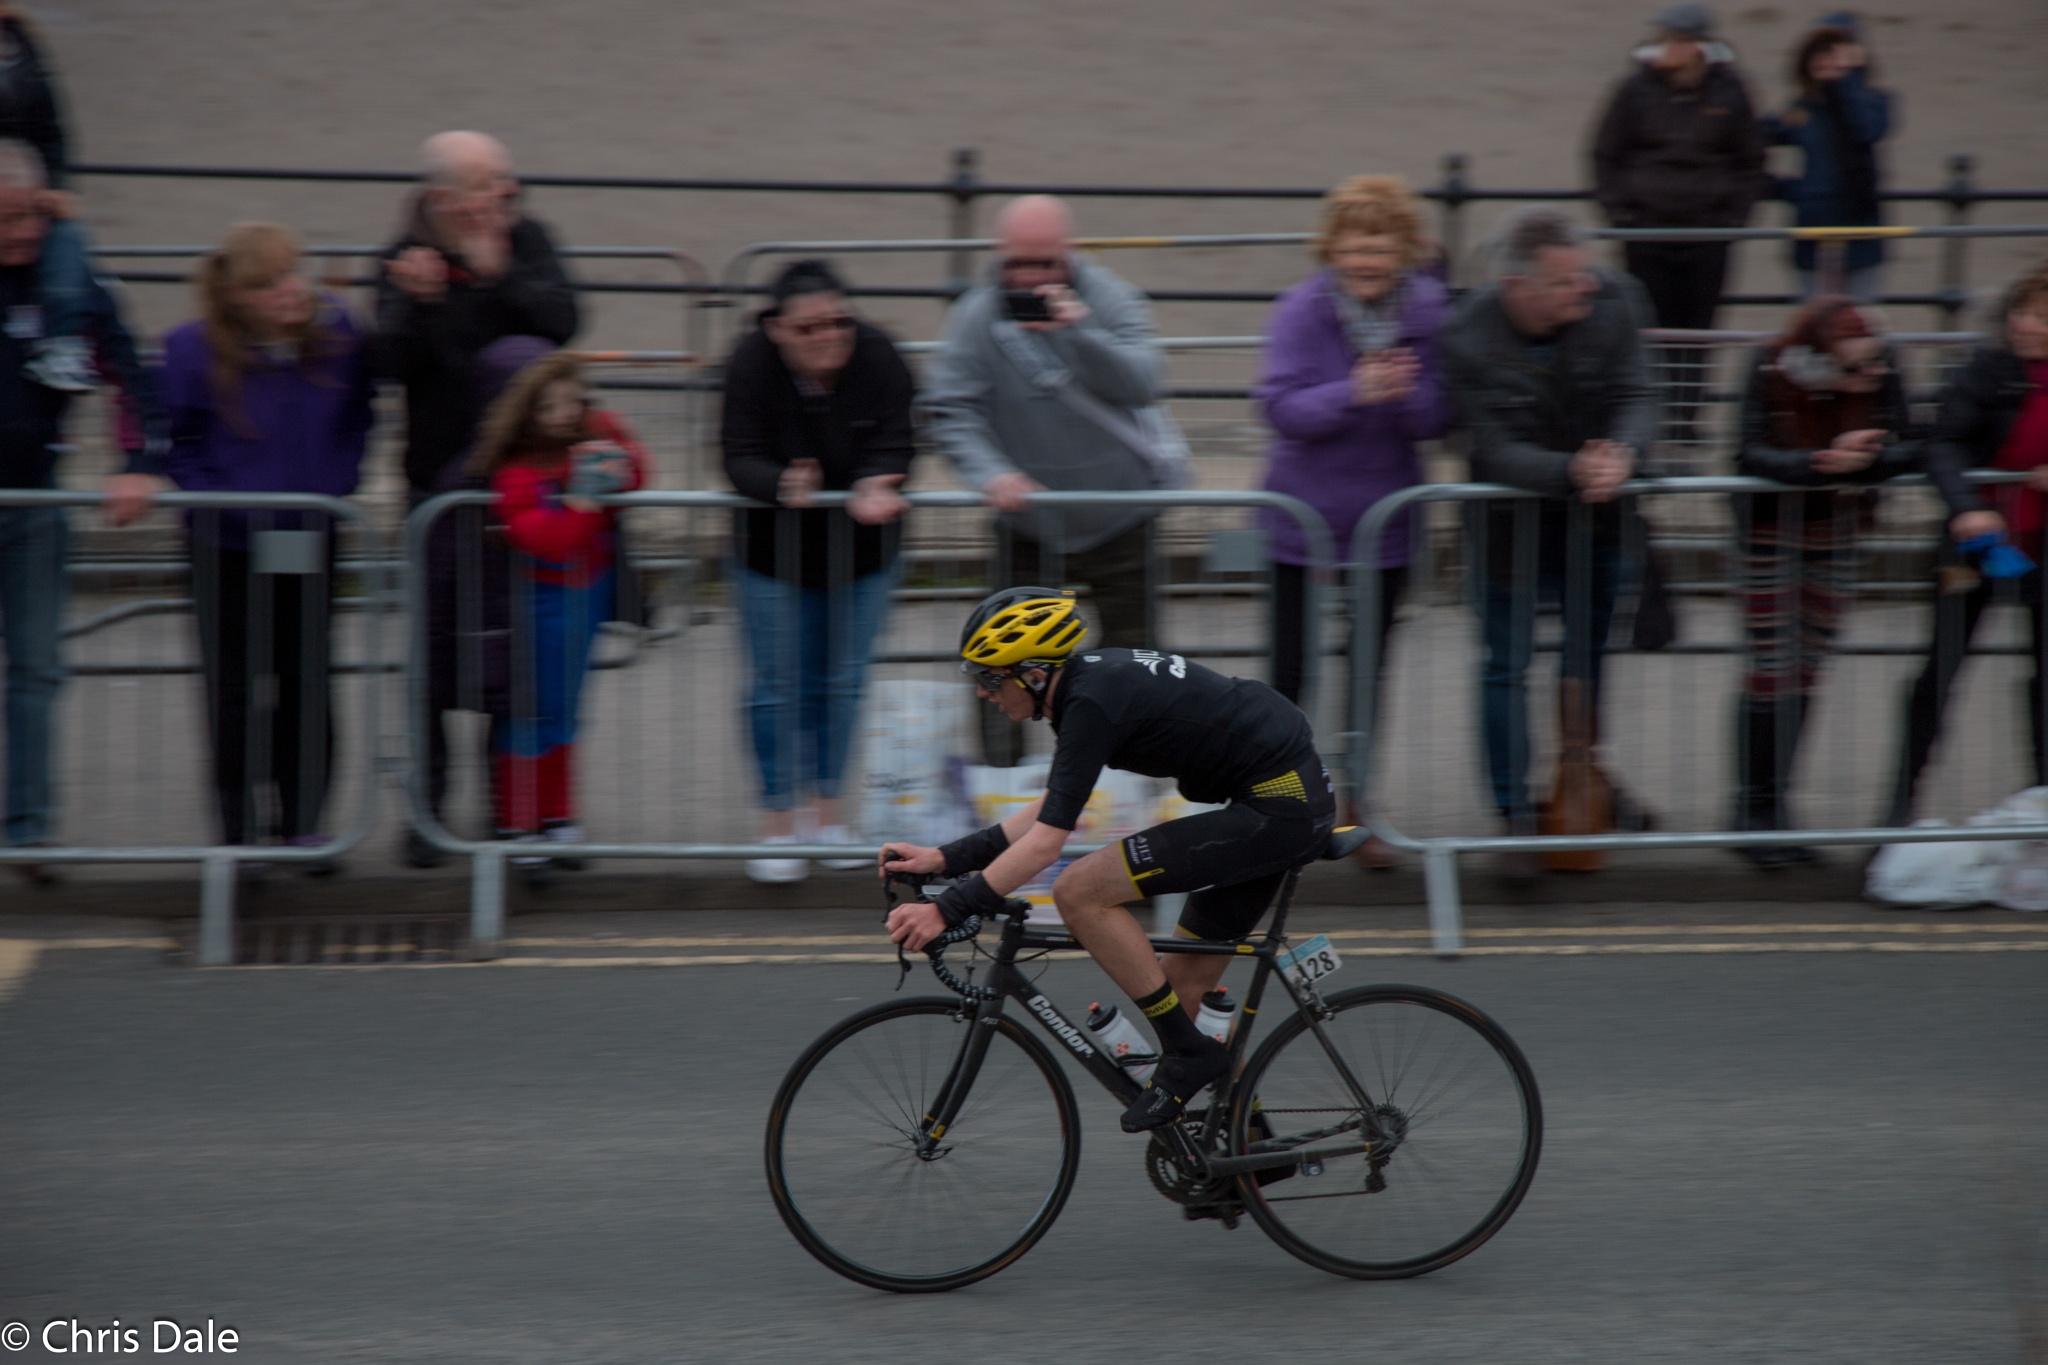 Tour De Yorkshire (Stage 3) by Chris Dale